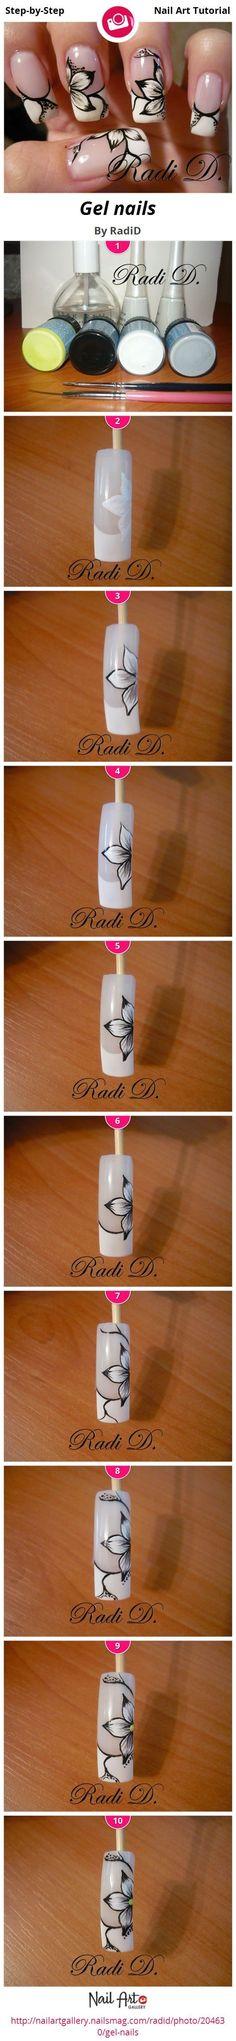 DIY Ideas Nails Art : Gel nails by RadiD Nail Art Gallery Step-by-Step Tutorials nailartgallery. Floral Nail Art, Nail Art Diy, Diy Nails, Fancy Nails, Trendy Nails, Nagel Hacks, Flower Nails, Nail Art Galleries, Creative Nails